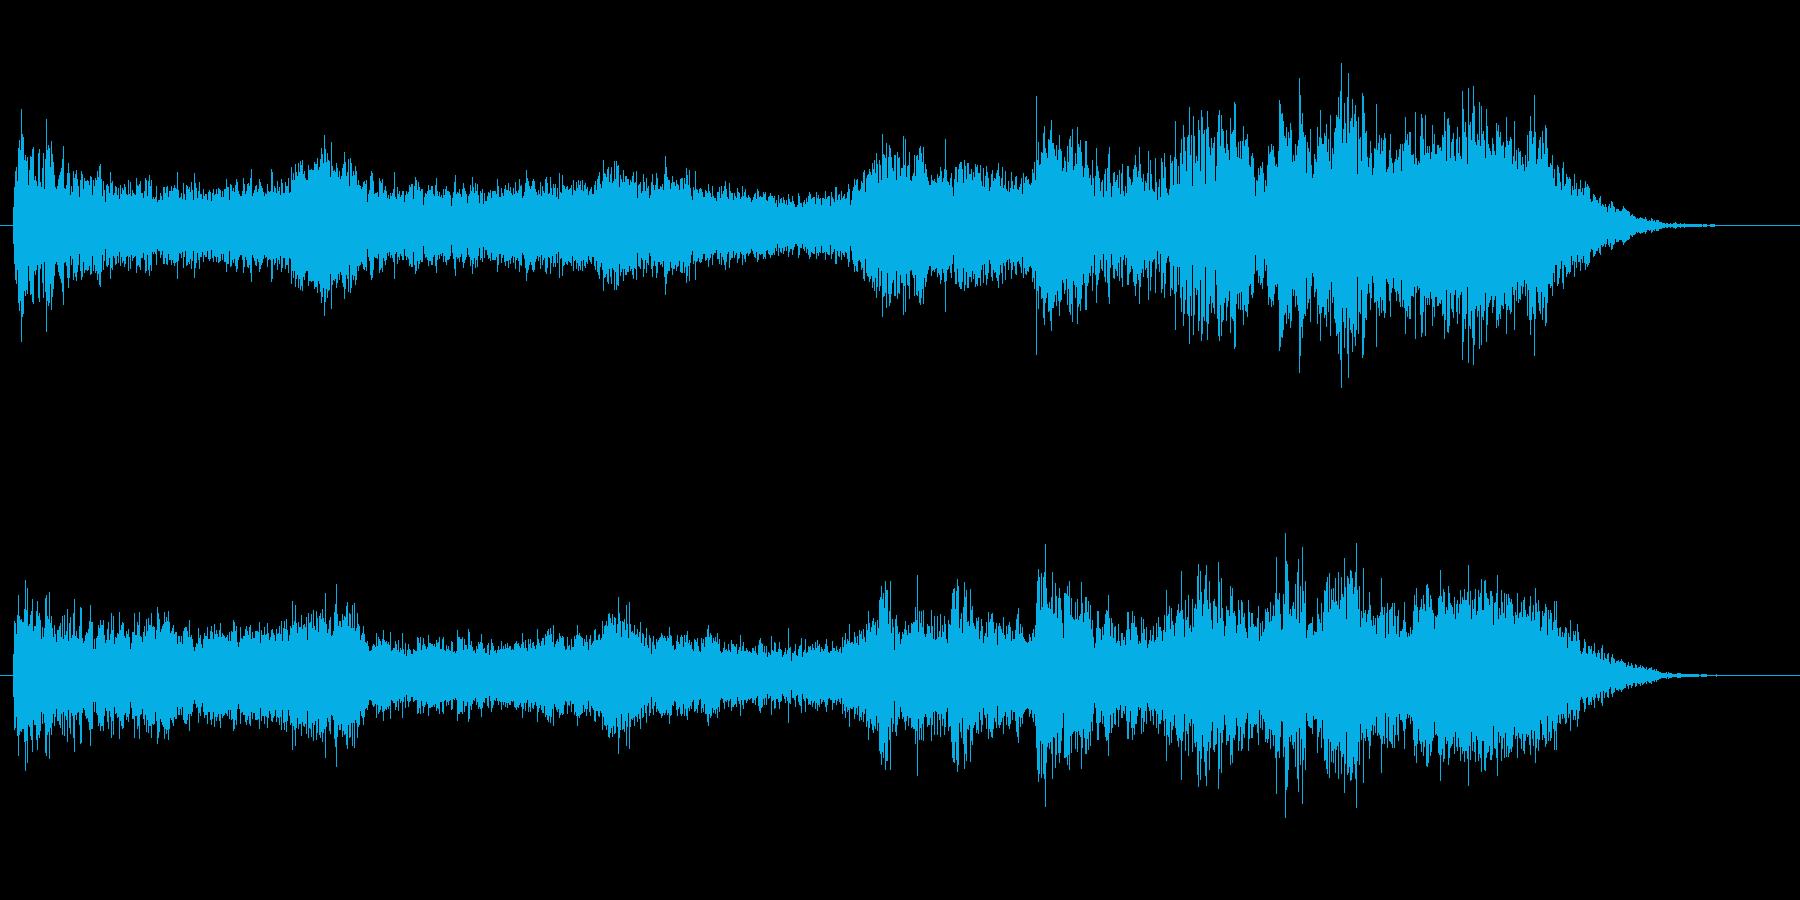 長めのホラー風Pad音の再生済みの波形